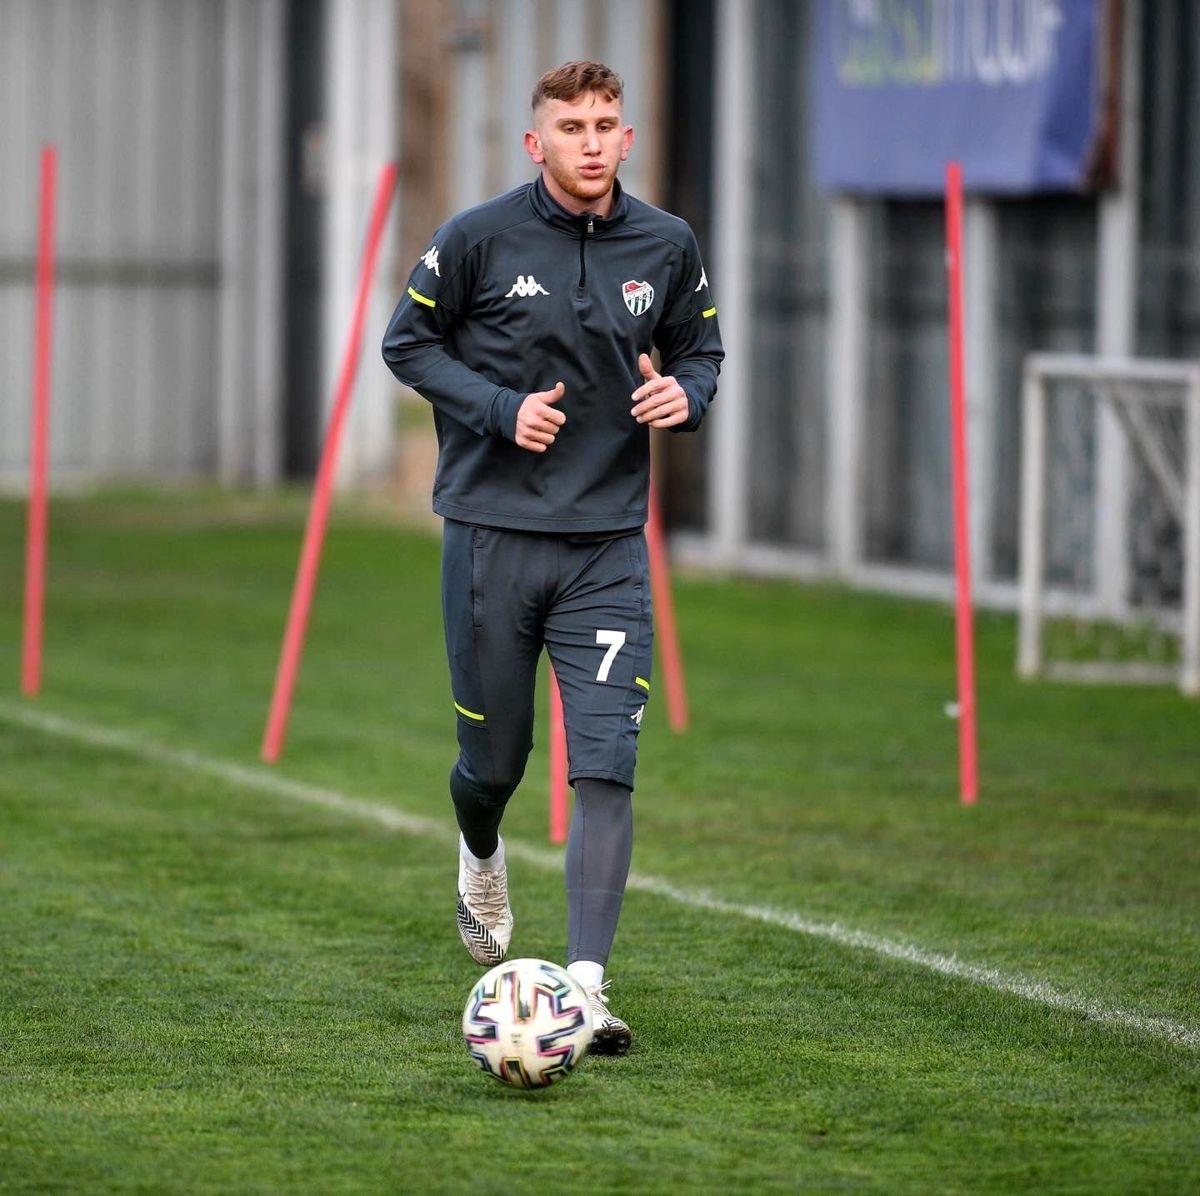 Bursaspor'da Altay maçı hazırlıkları başladı